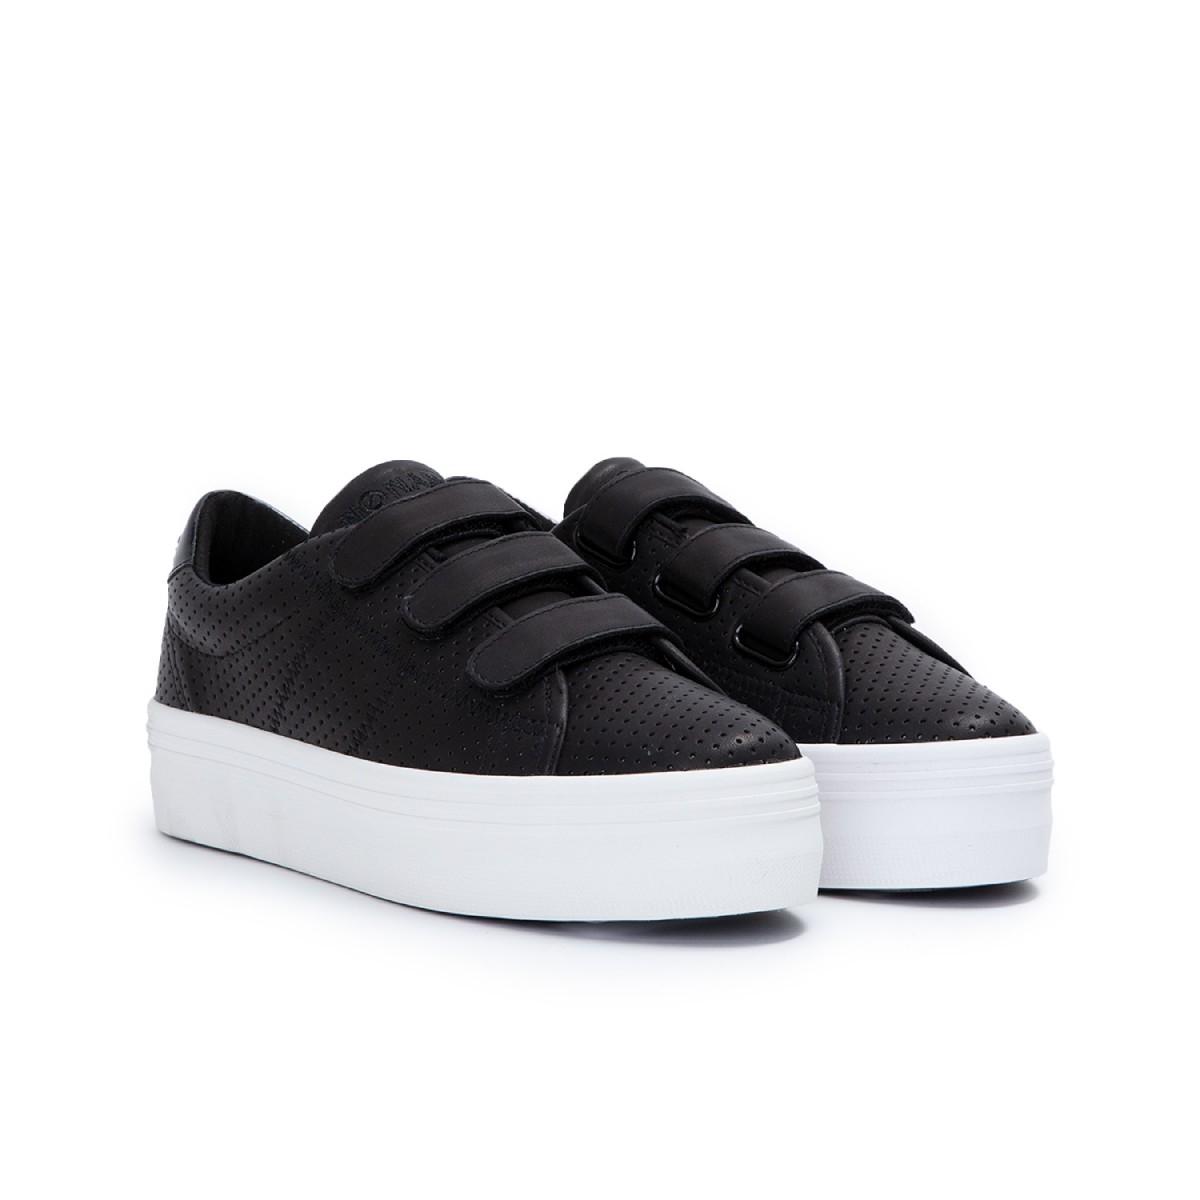 PLATO-11259-BLACK プラト ブラック